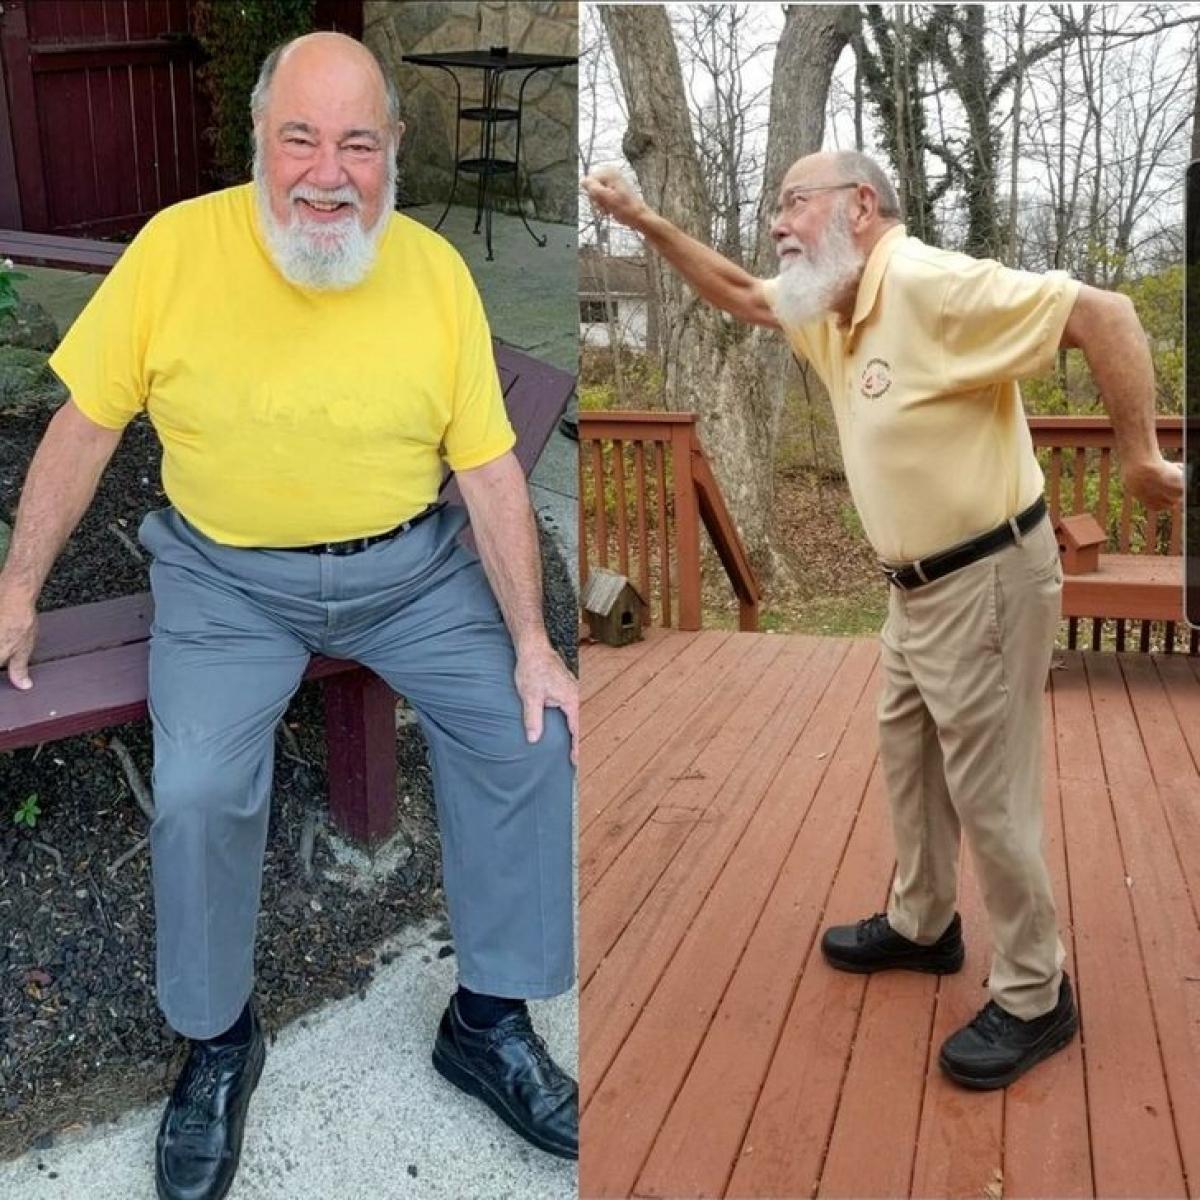 Bố tôi đã giảm cân thành công. Ông ấy đã nỗ lực rất nhiều ở độ tuổi ông ấy trong suốt 1 năm qua.